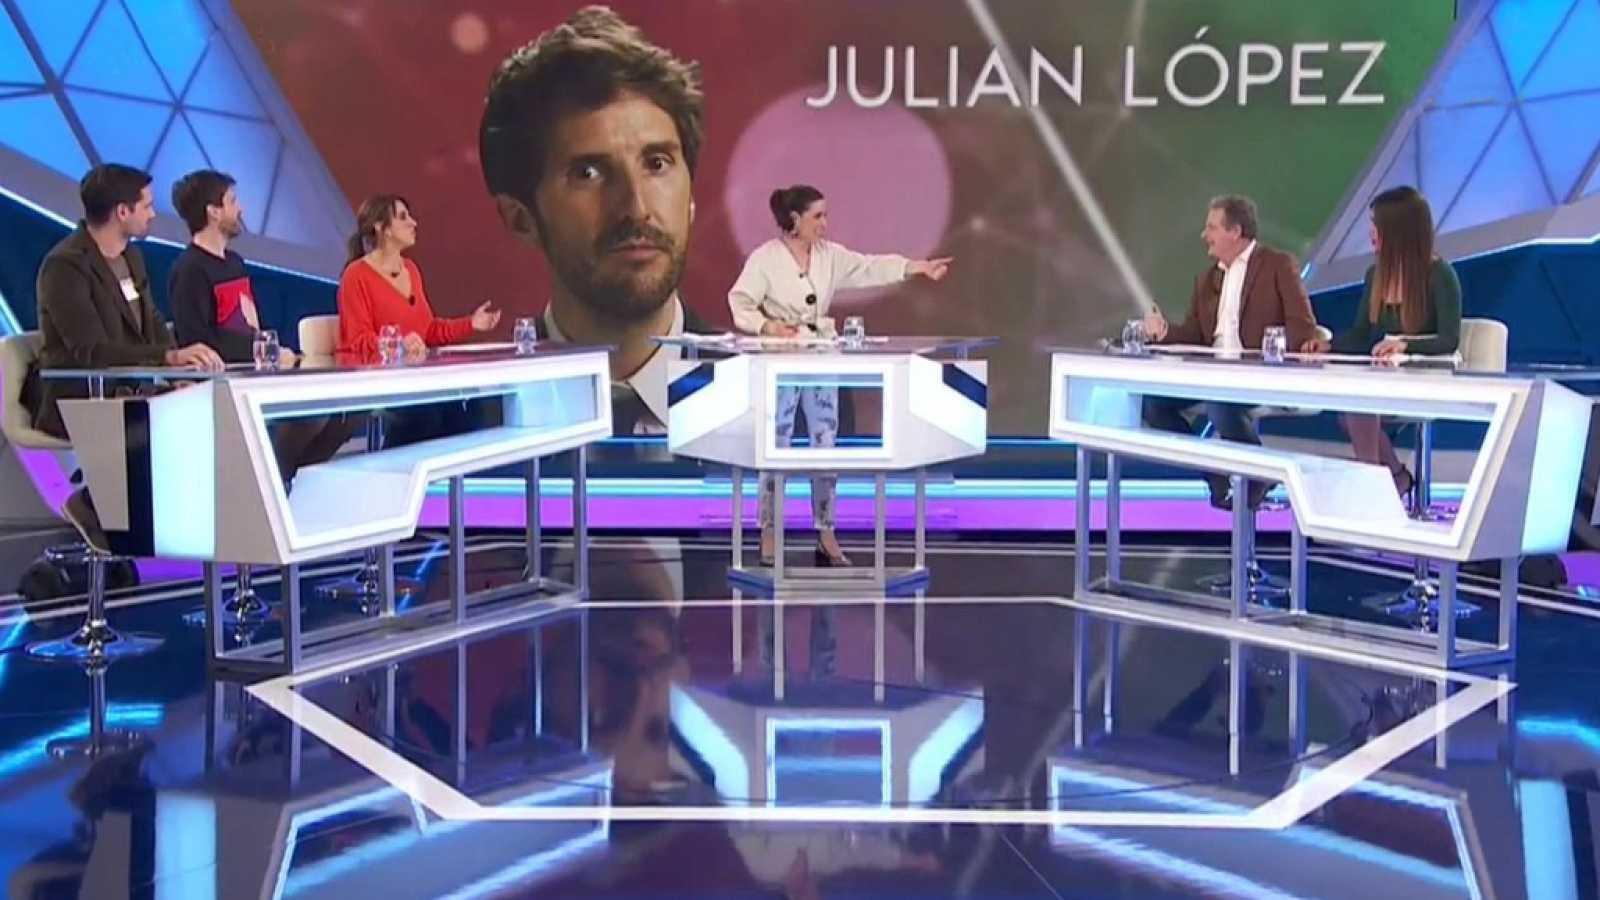 Lo siguiente - Julián López - 19/02/19 - ver ahora